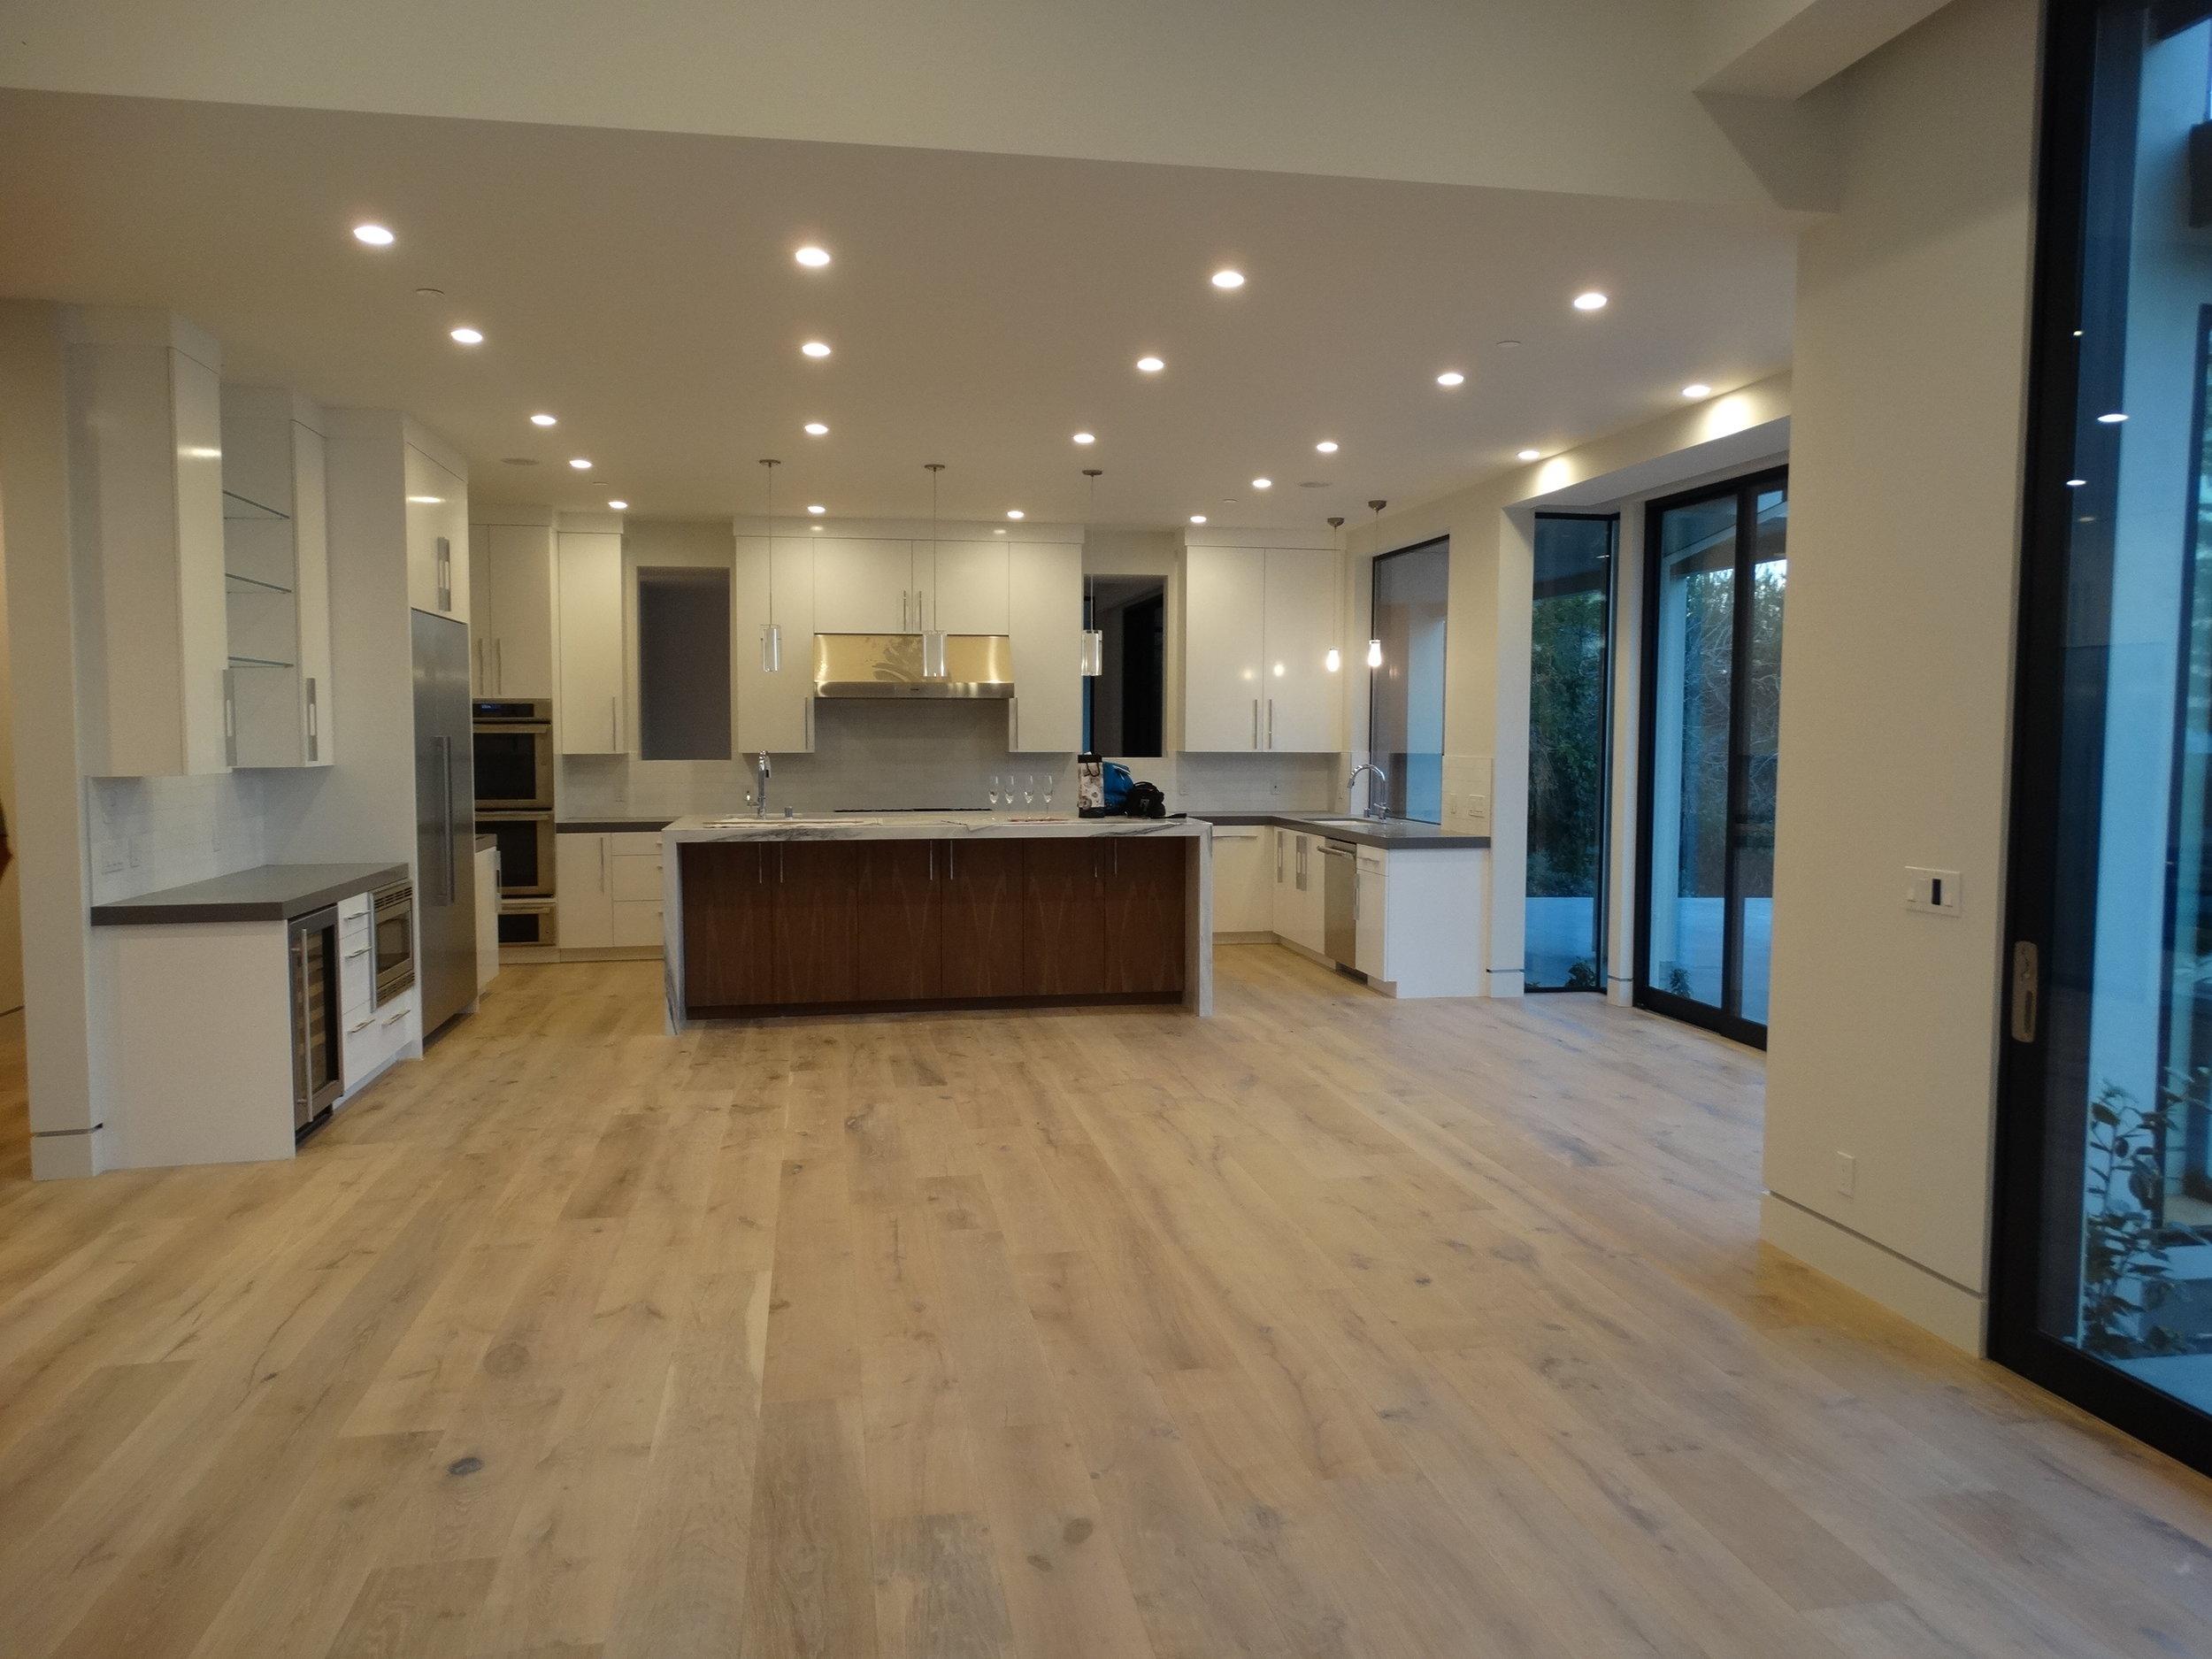 Lakeview1003 Kitchen 2016 (1).jpg